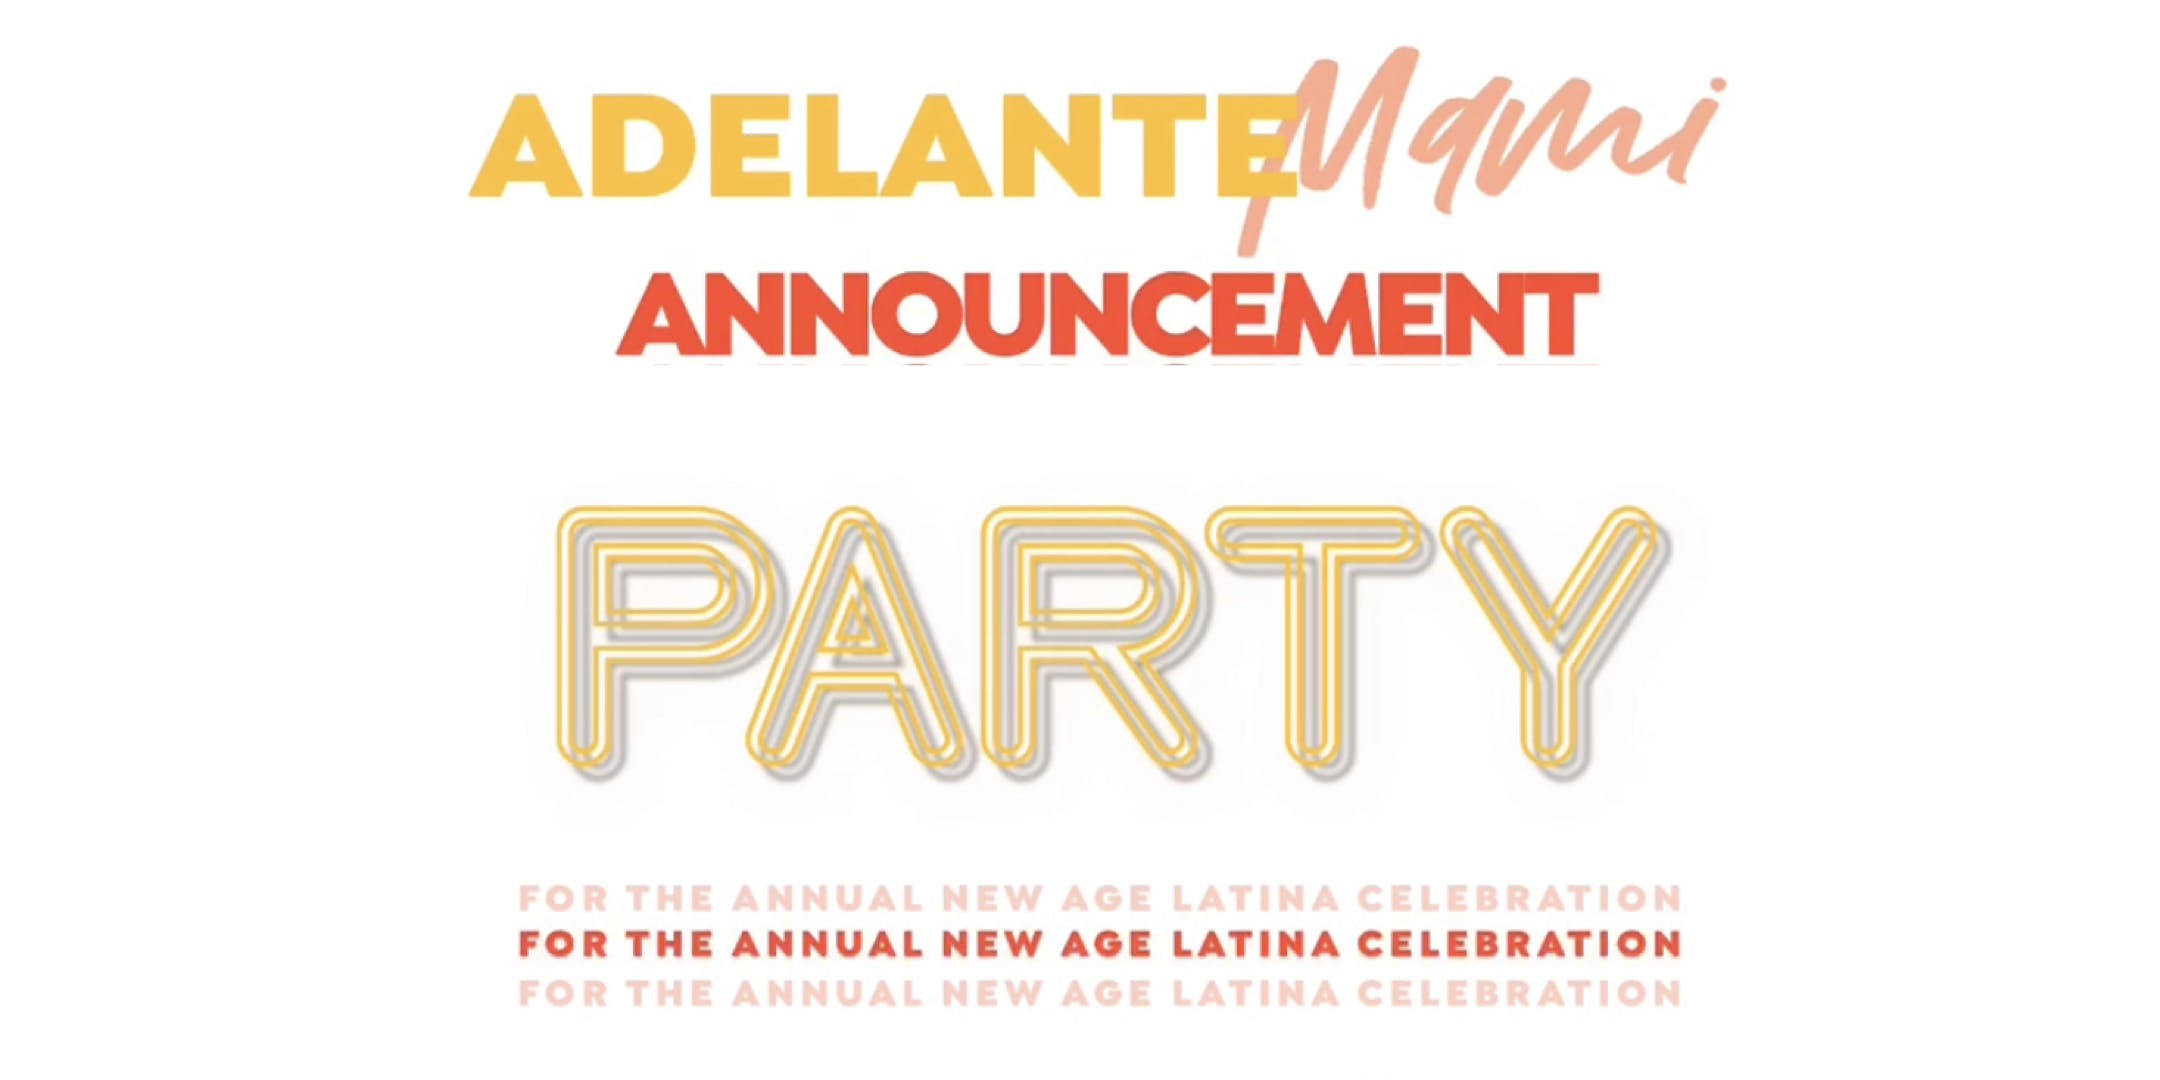 Celebration Announcement Party